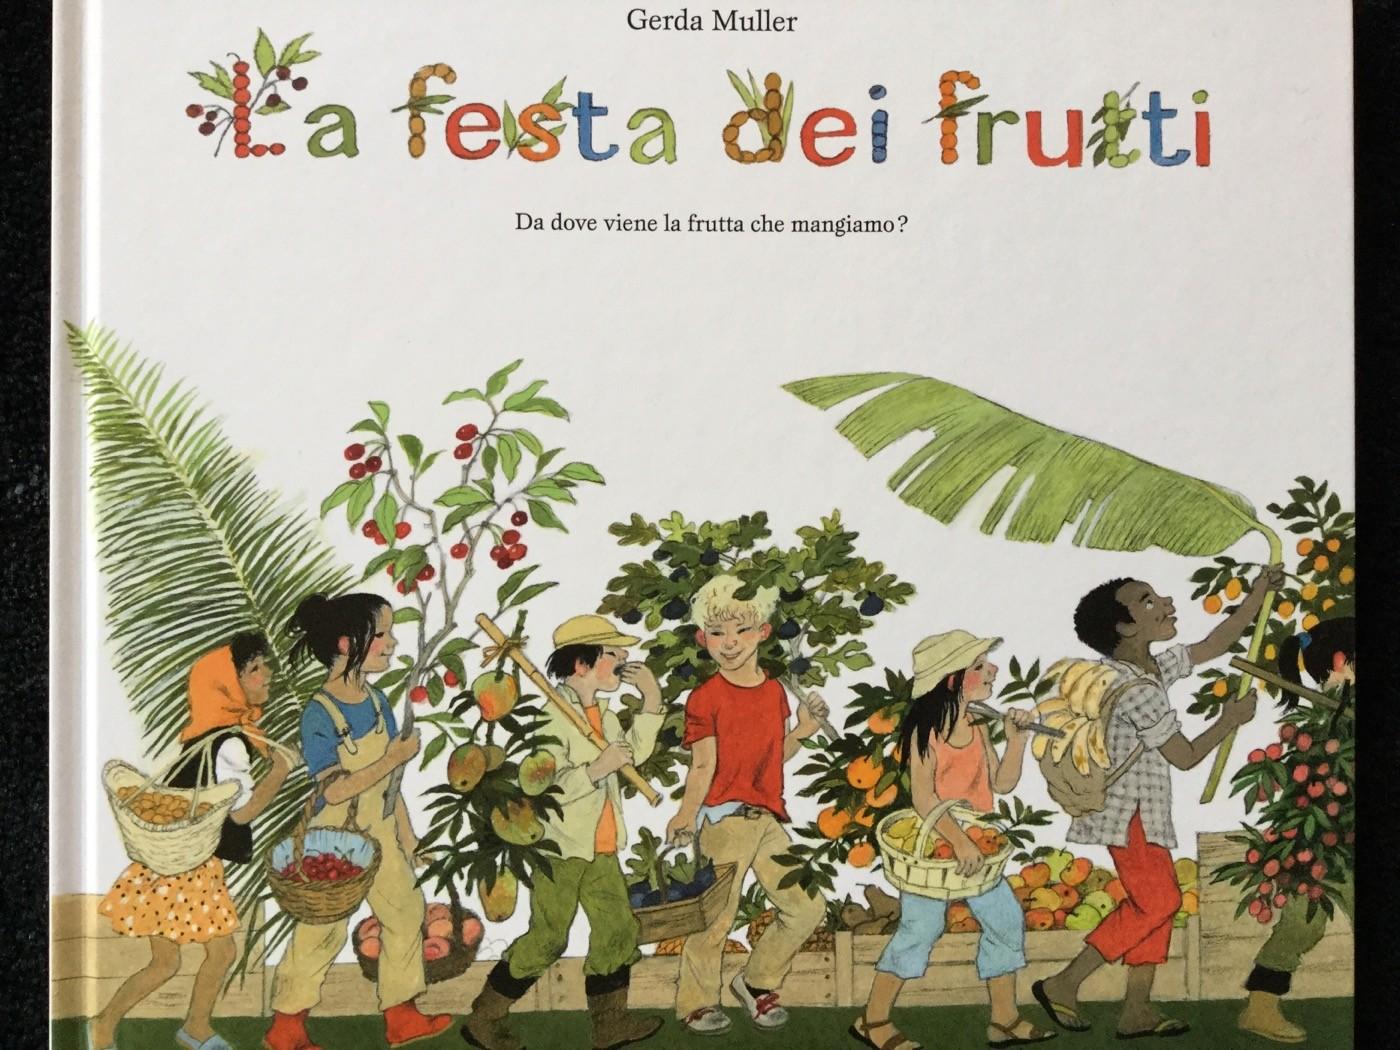 La festa dei frutti | Gerda Muller | Babalibri - Galline Volanti